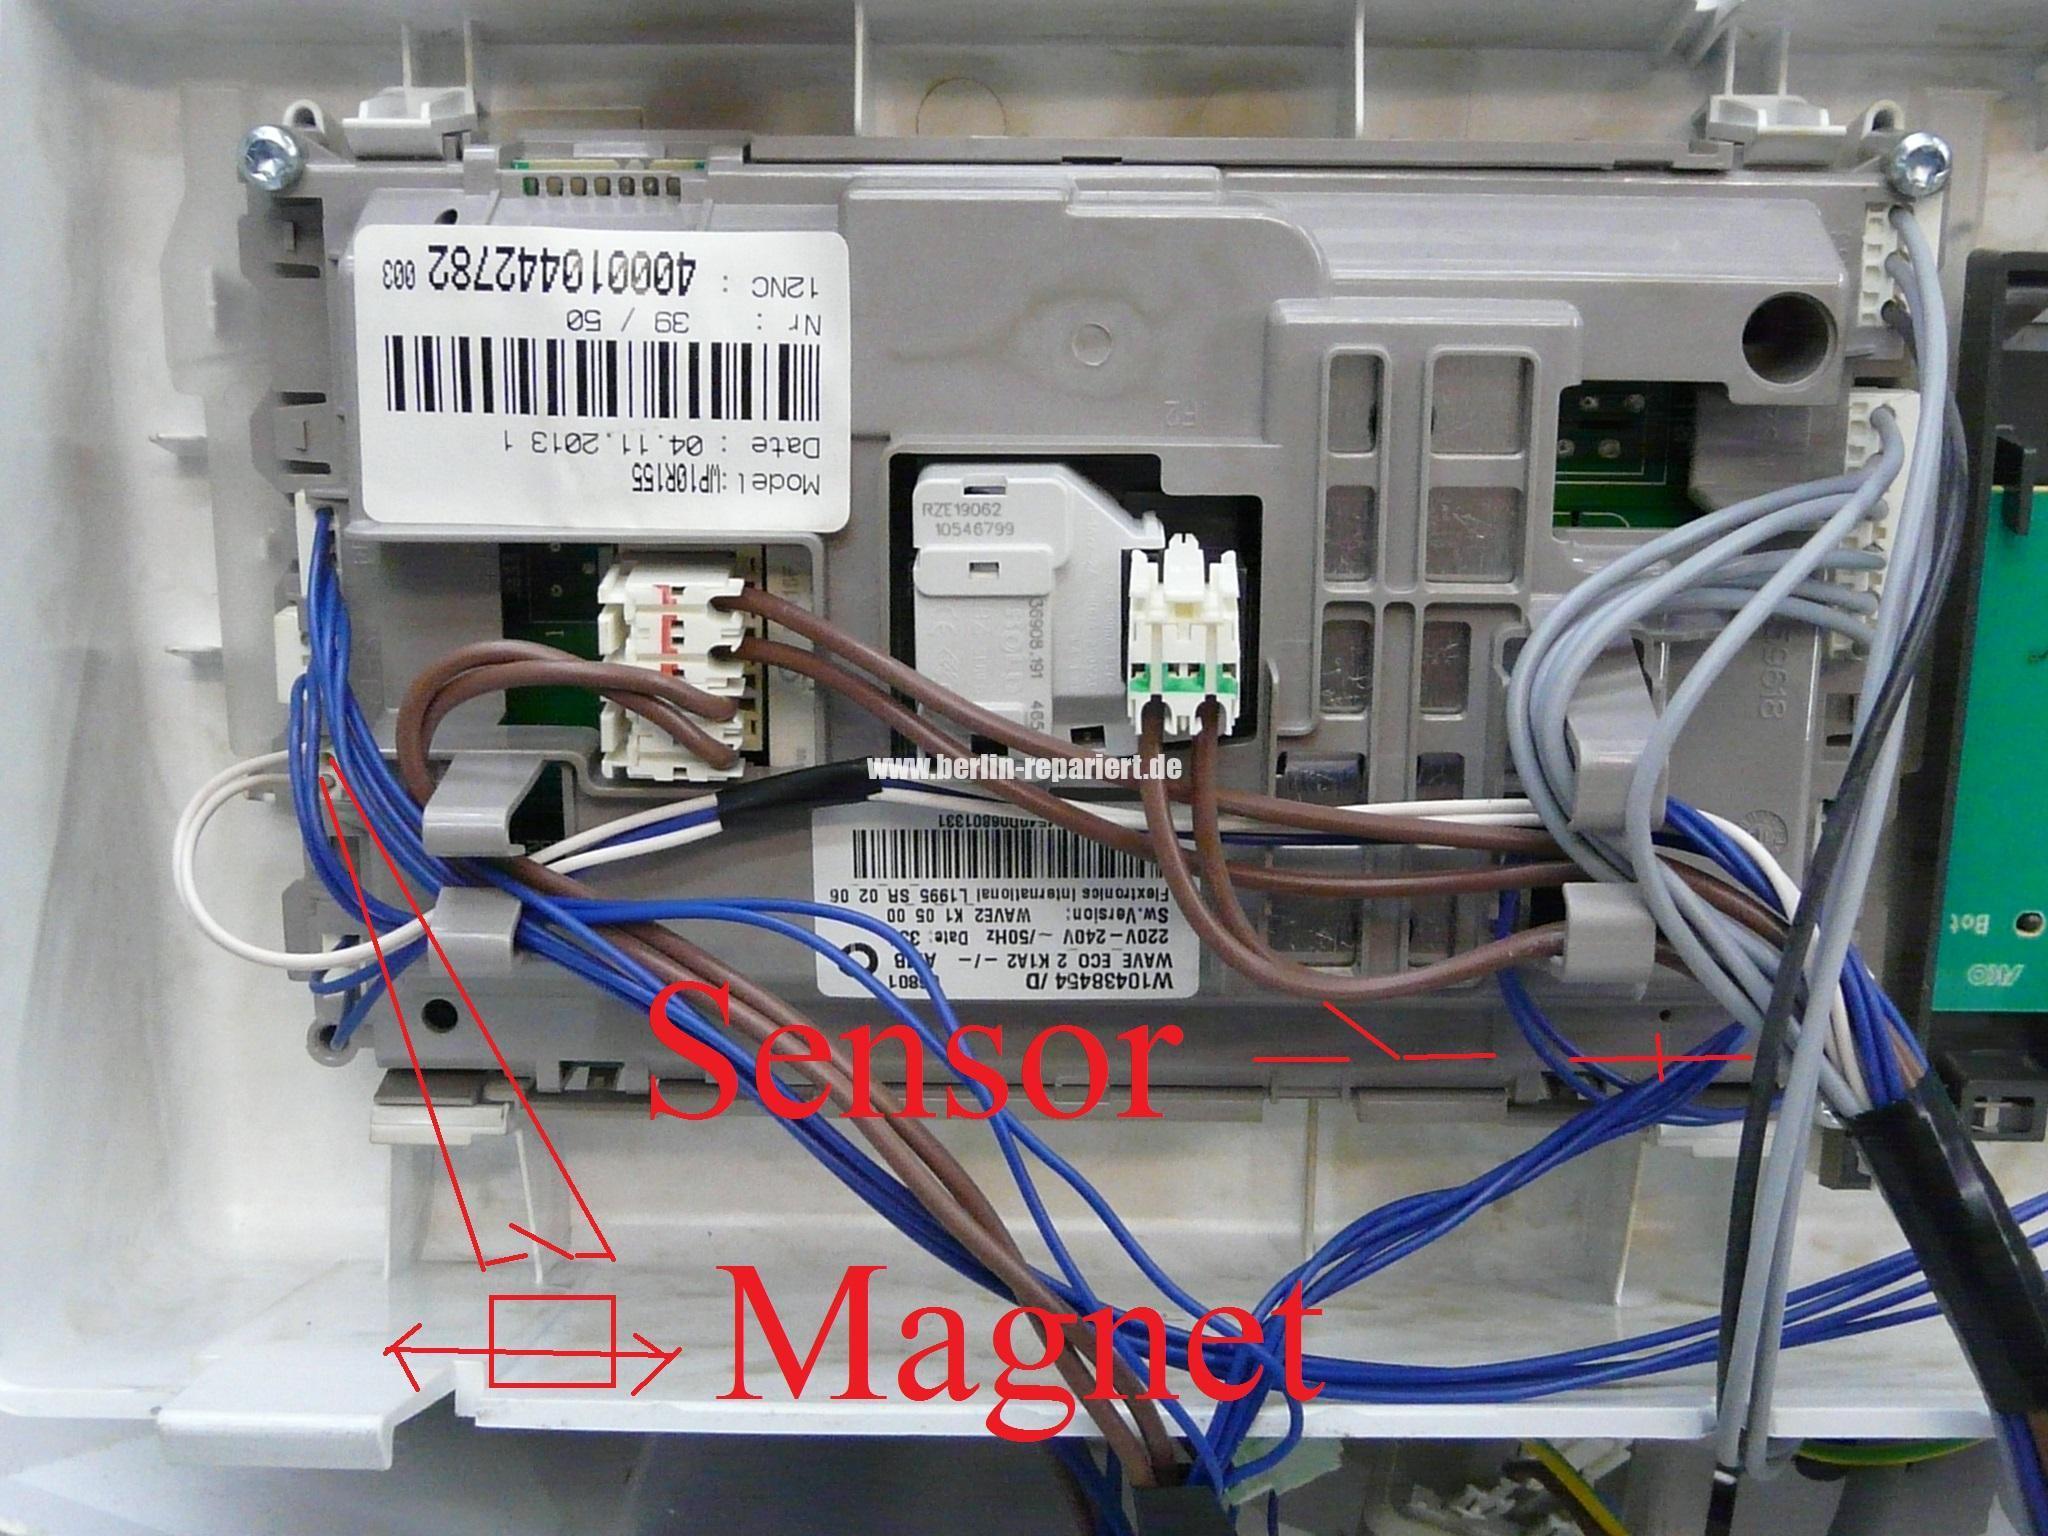 Siemens Kühlschrank Anzeige Blinkt : Siemens kühlschrank filter blinkt siemens hepa filter